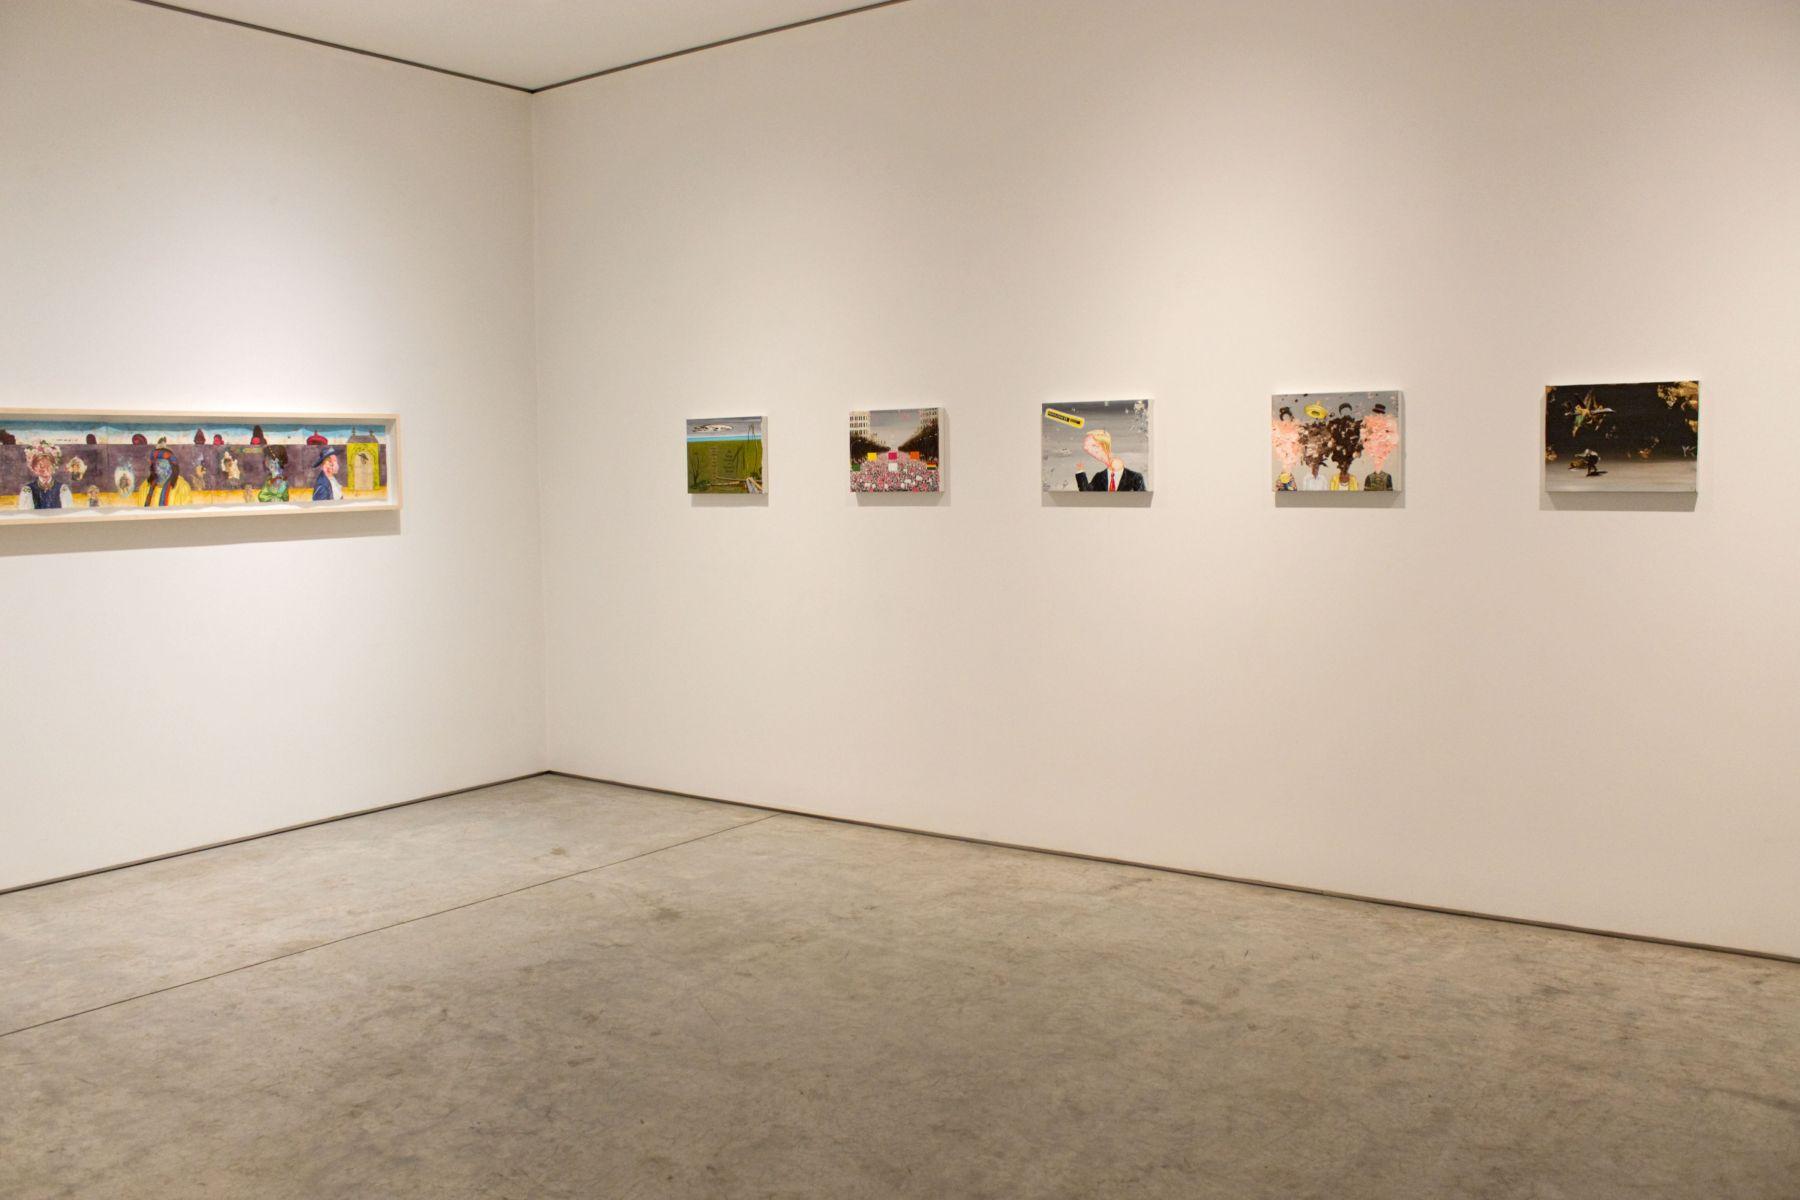 Installation view, Enrique Chagoya, Aliens Sans Frontières, George Adams Gallery, New York, 2018.